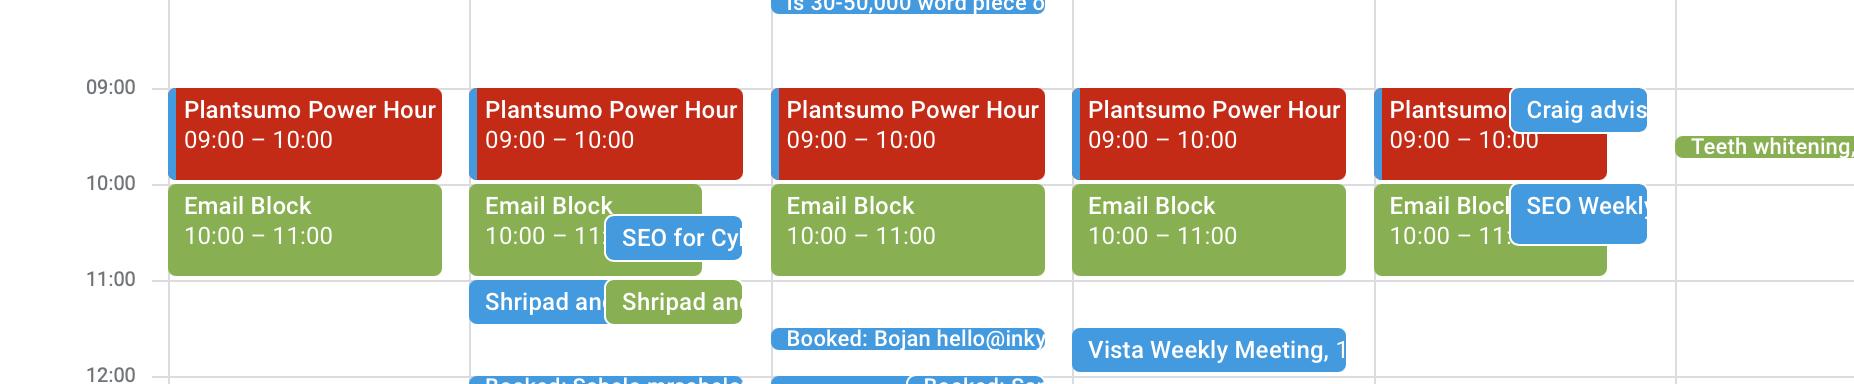 Plantsumo Power Hour